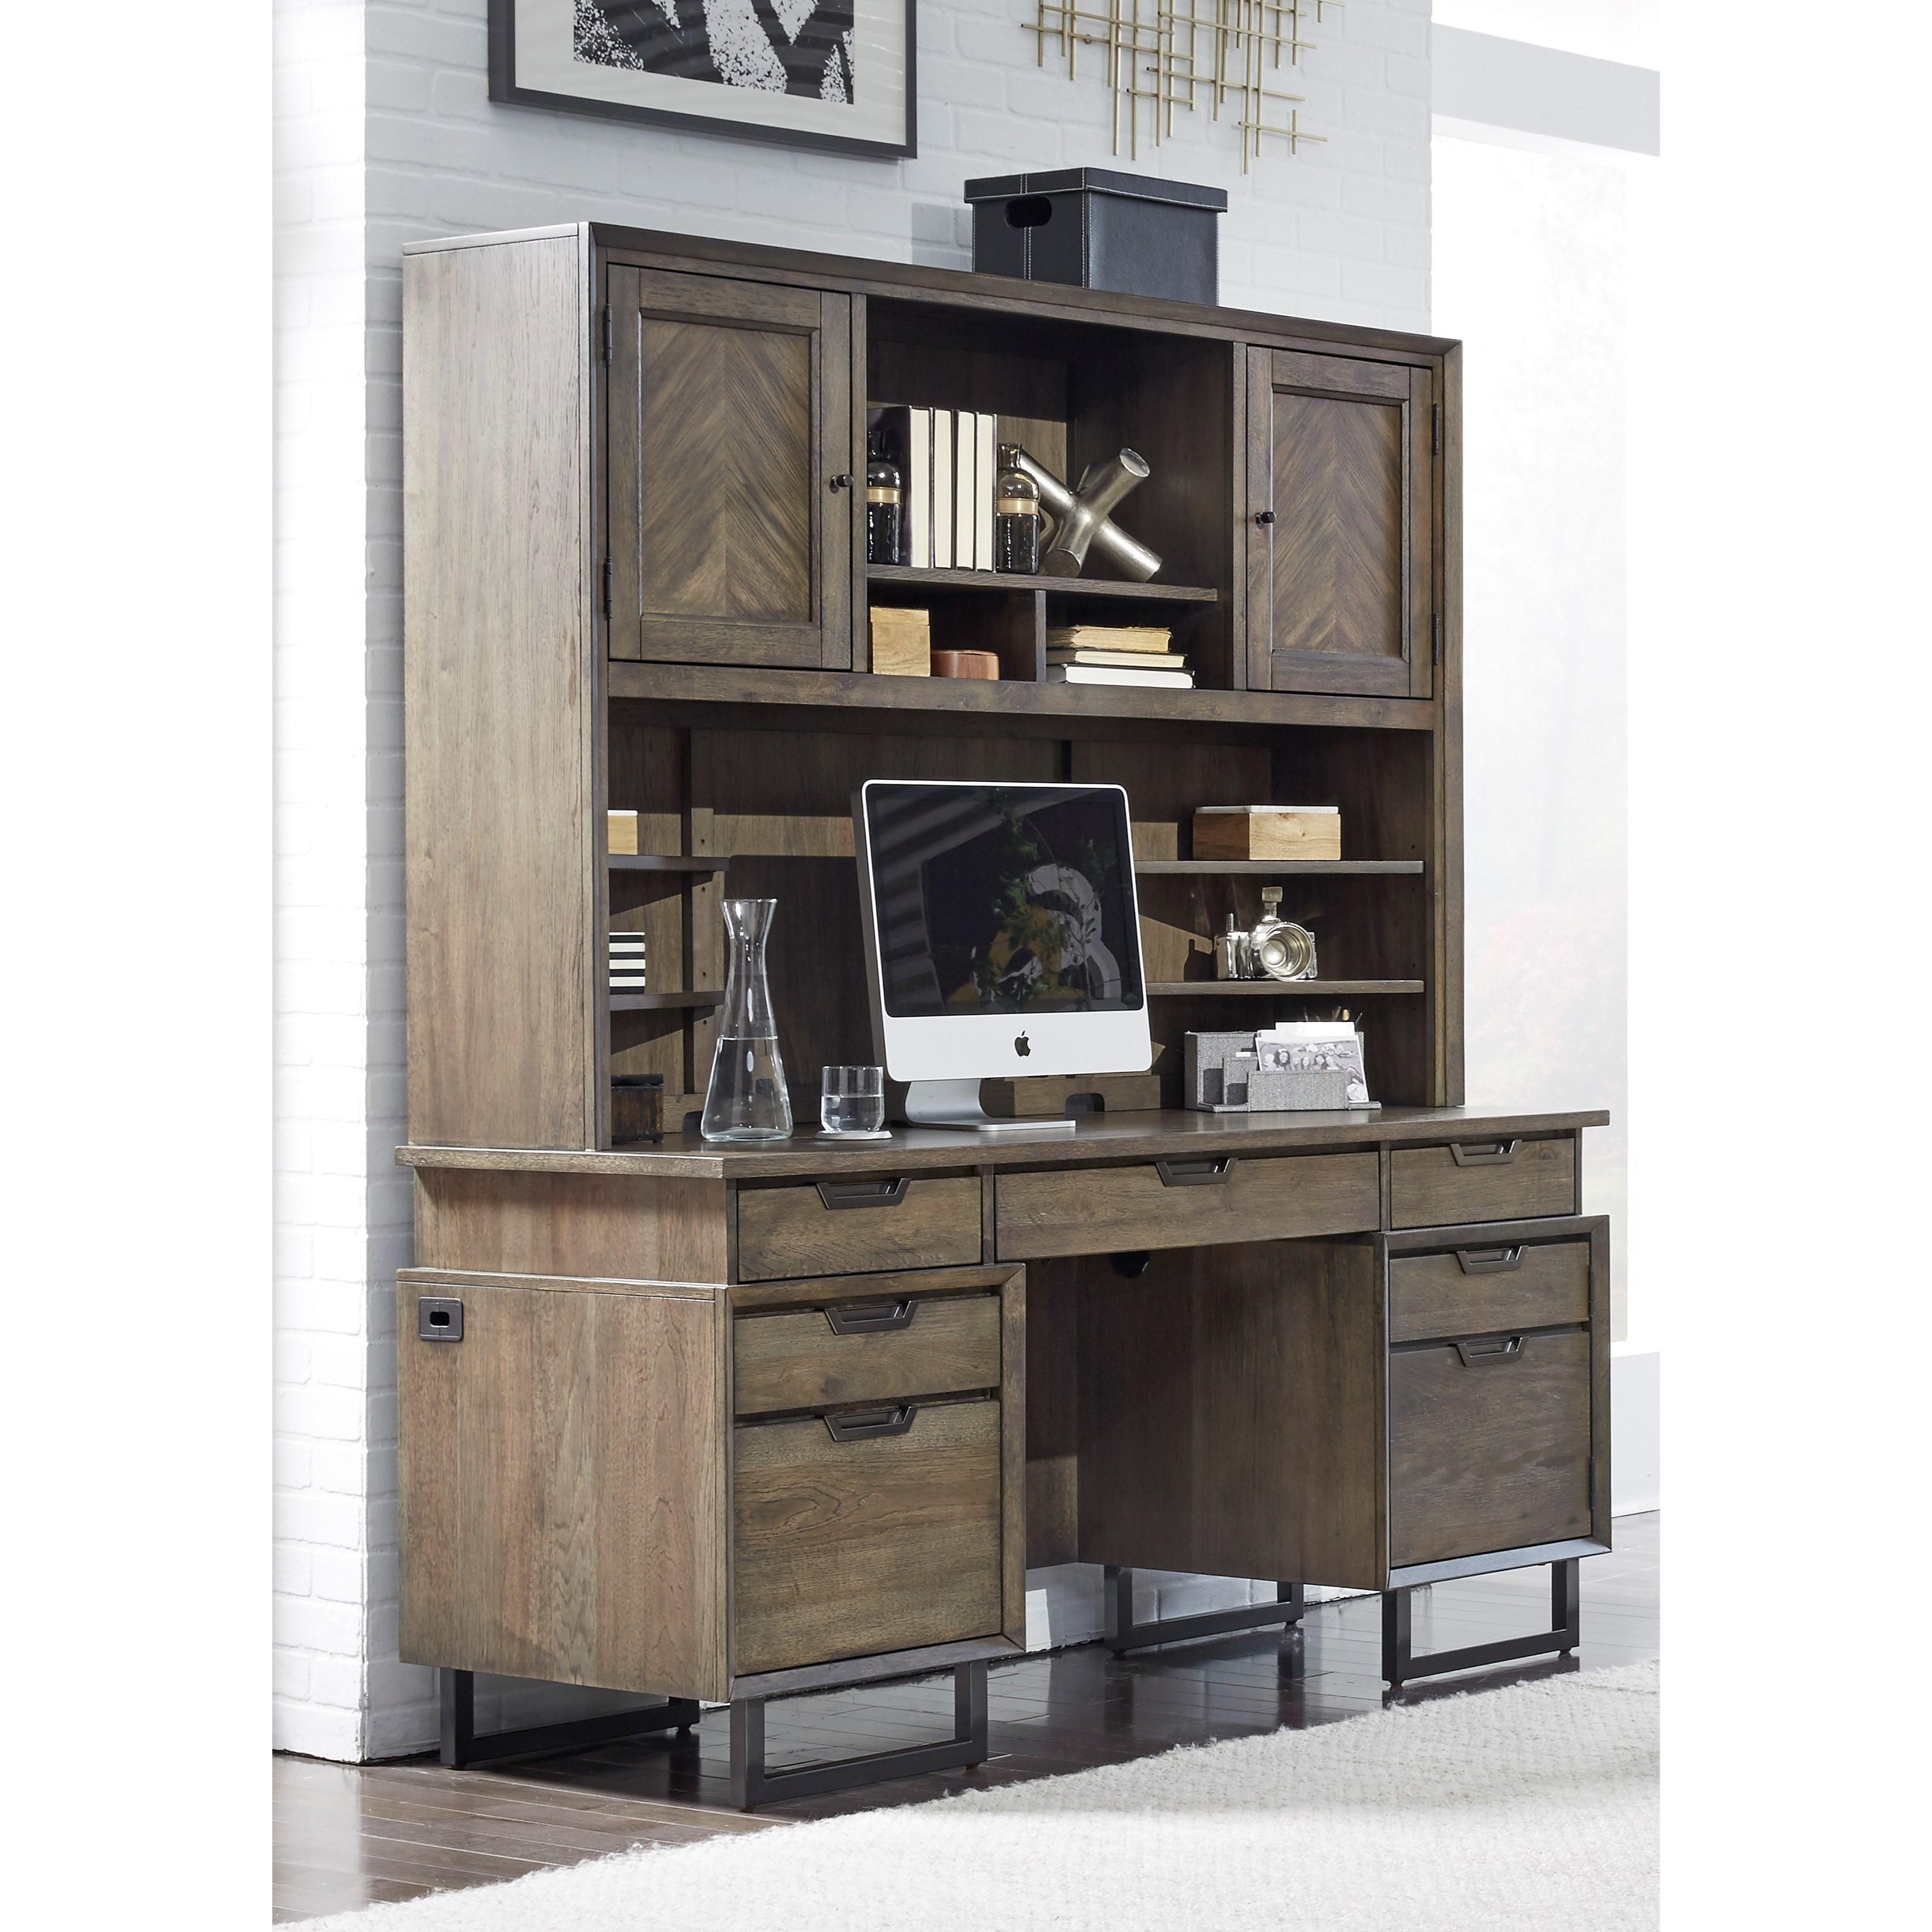 Aspenhome Harper Point Contemporary Credenza Desk With